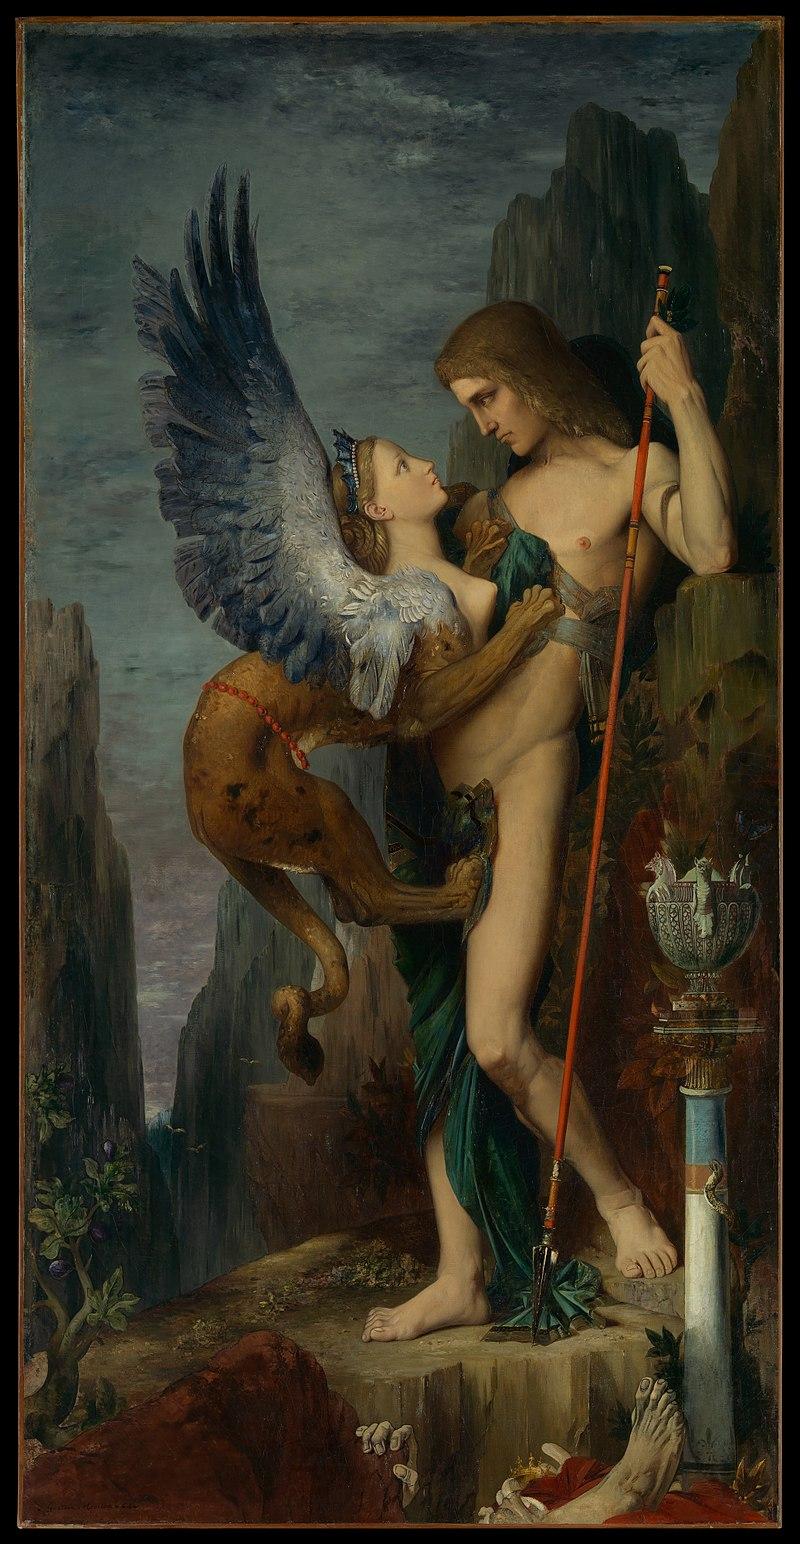 800px-Oedipus_and_the_Sphinx_MET_DP-14201-023.jpg